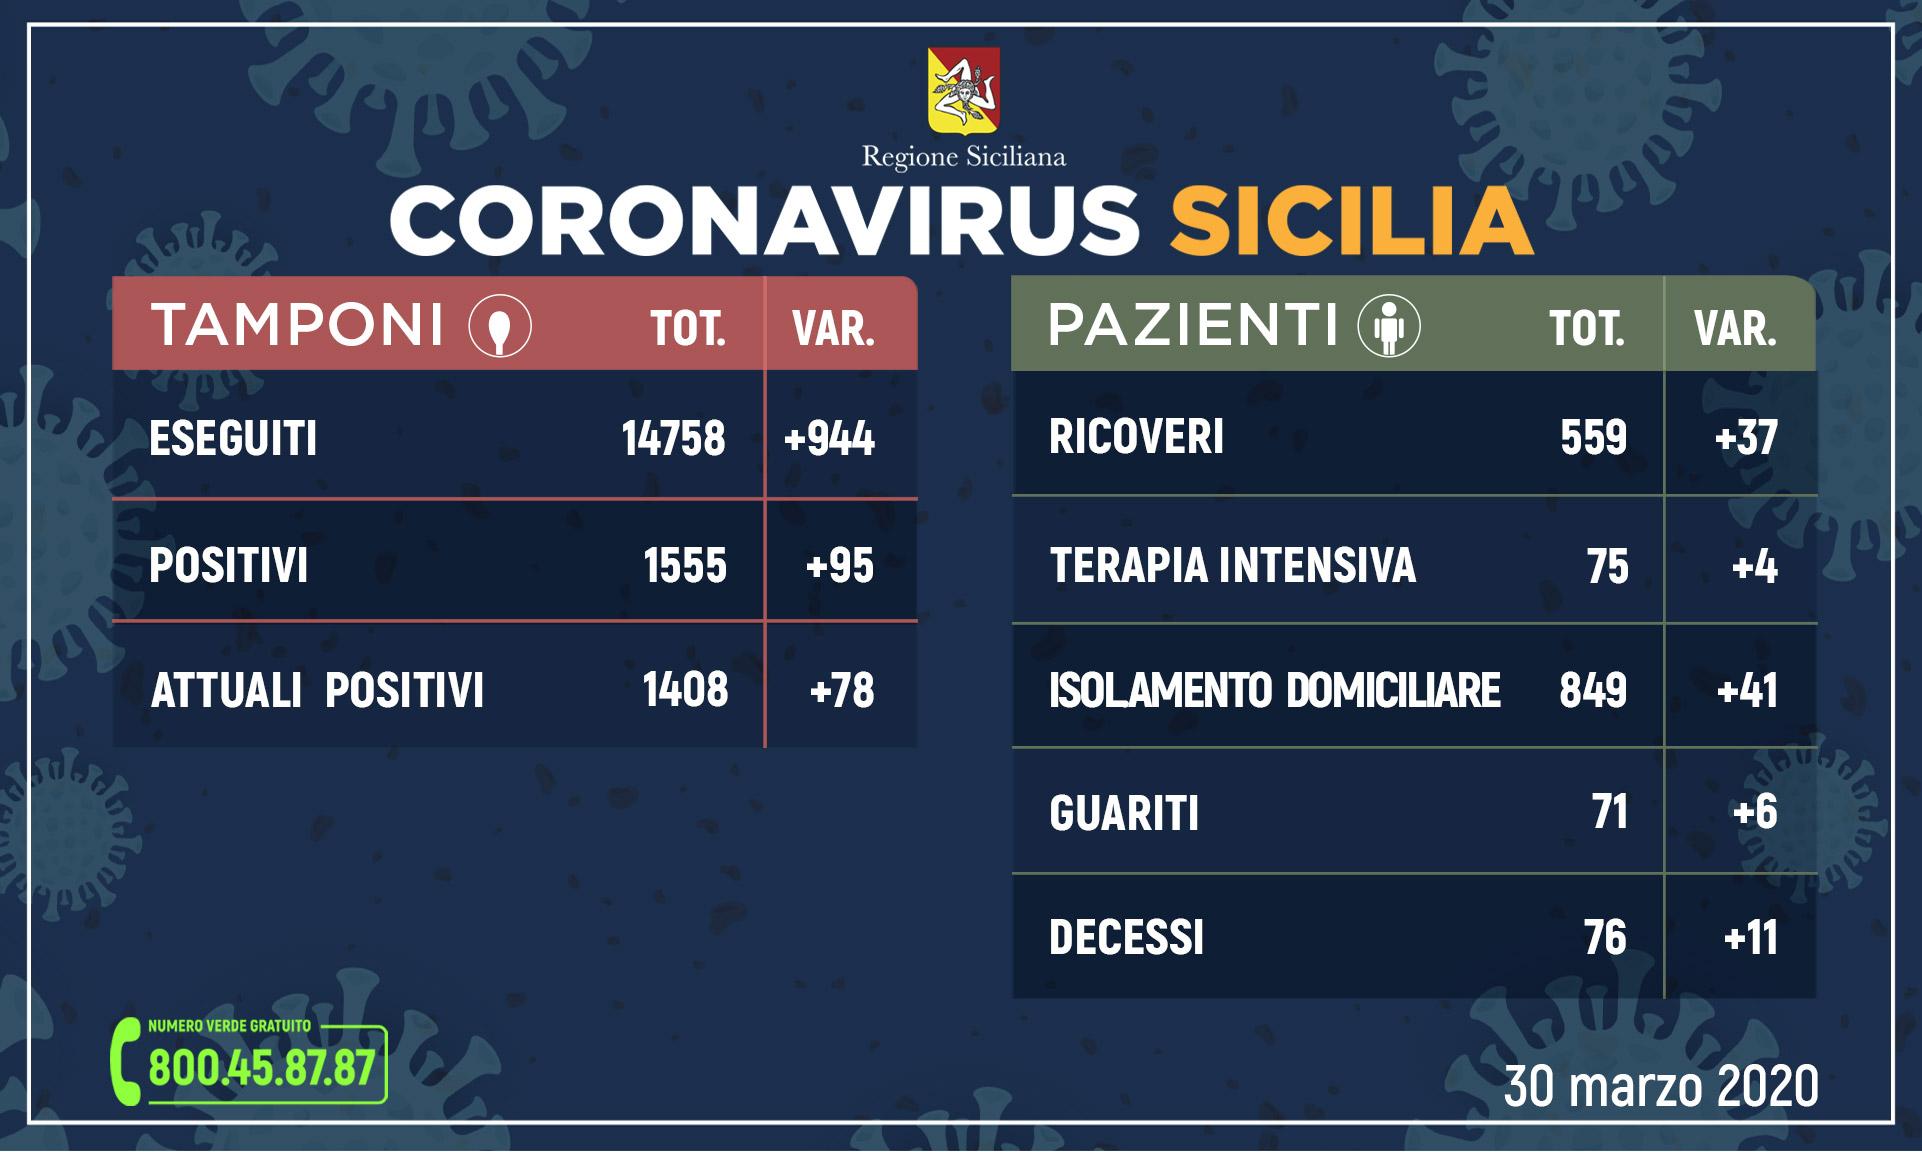 Coronavirus, oggi in Sicilia 1.408 positivi e 71 guariti